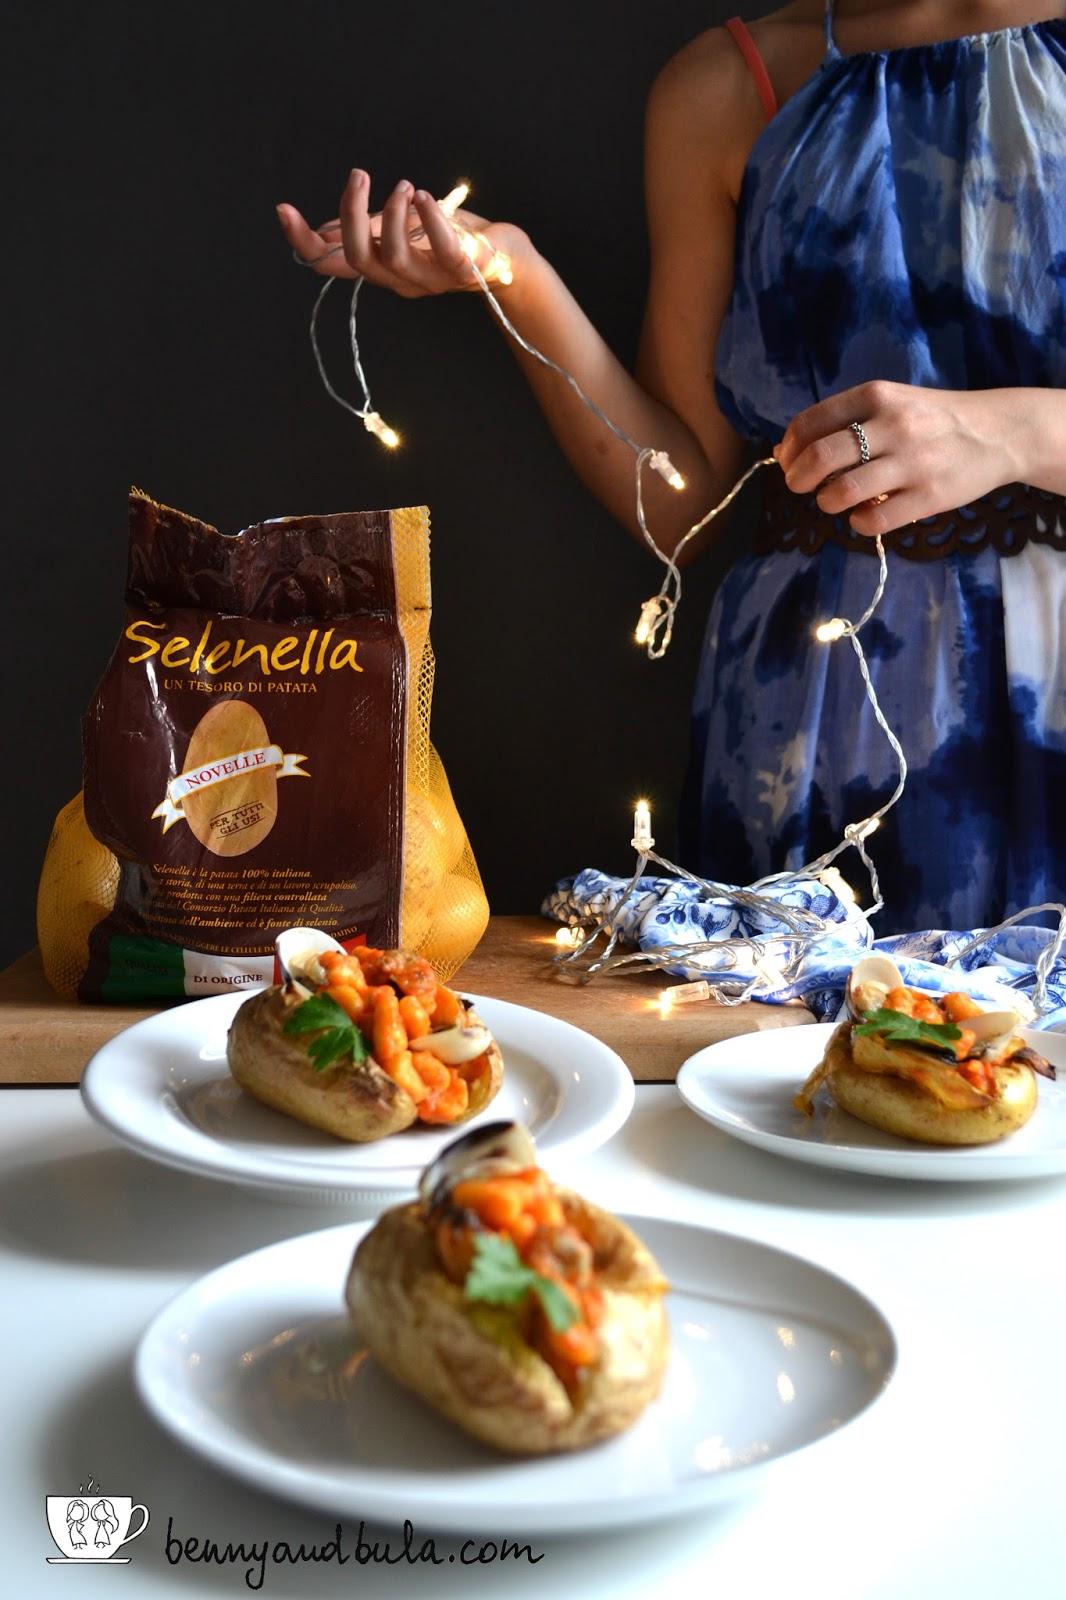 jacket potato con gnocchi di farina di ceci ai frutti di mare senza glutine/ seafood gluten-free